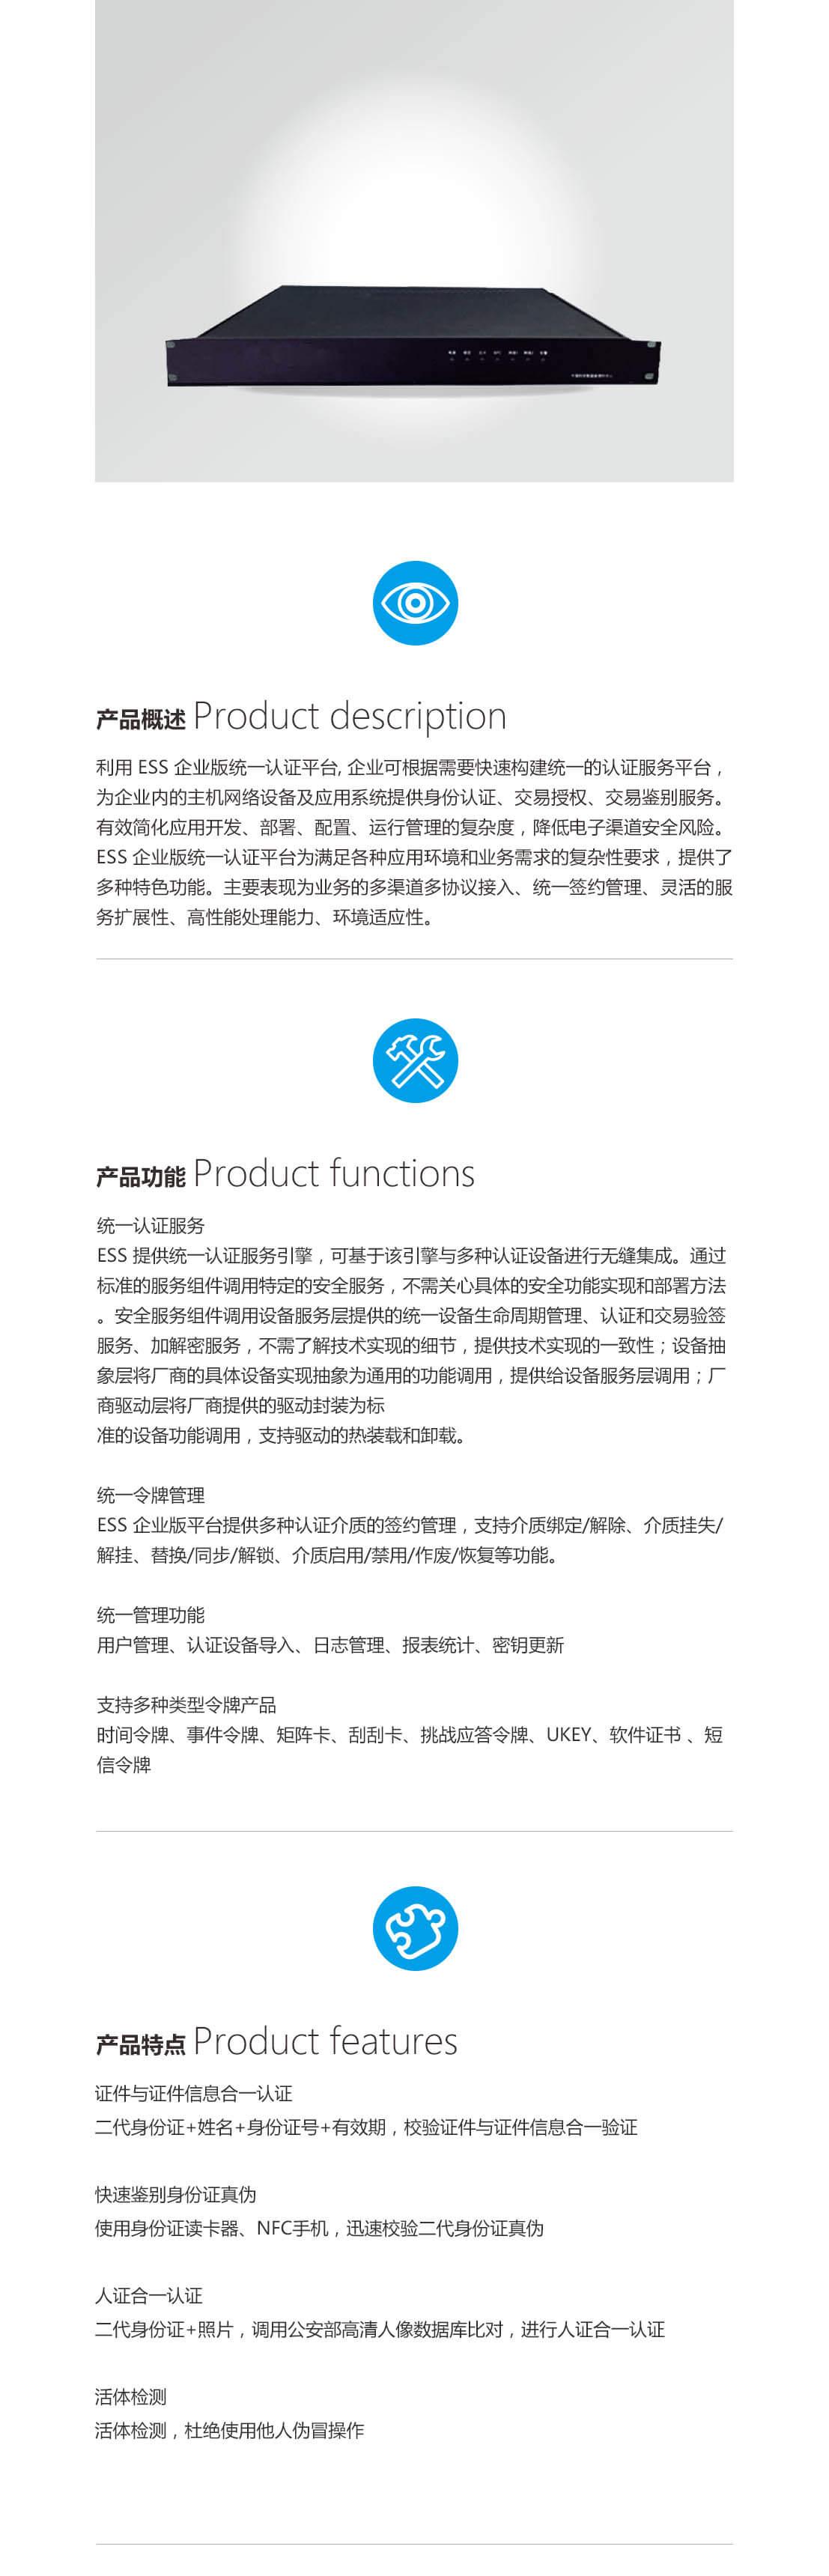 宏碁恒信ESS电子交易安全认证平台.jpg